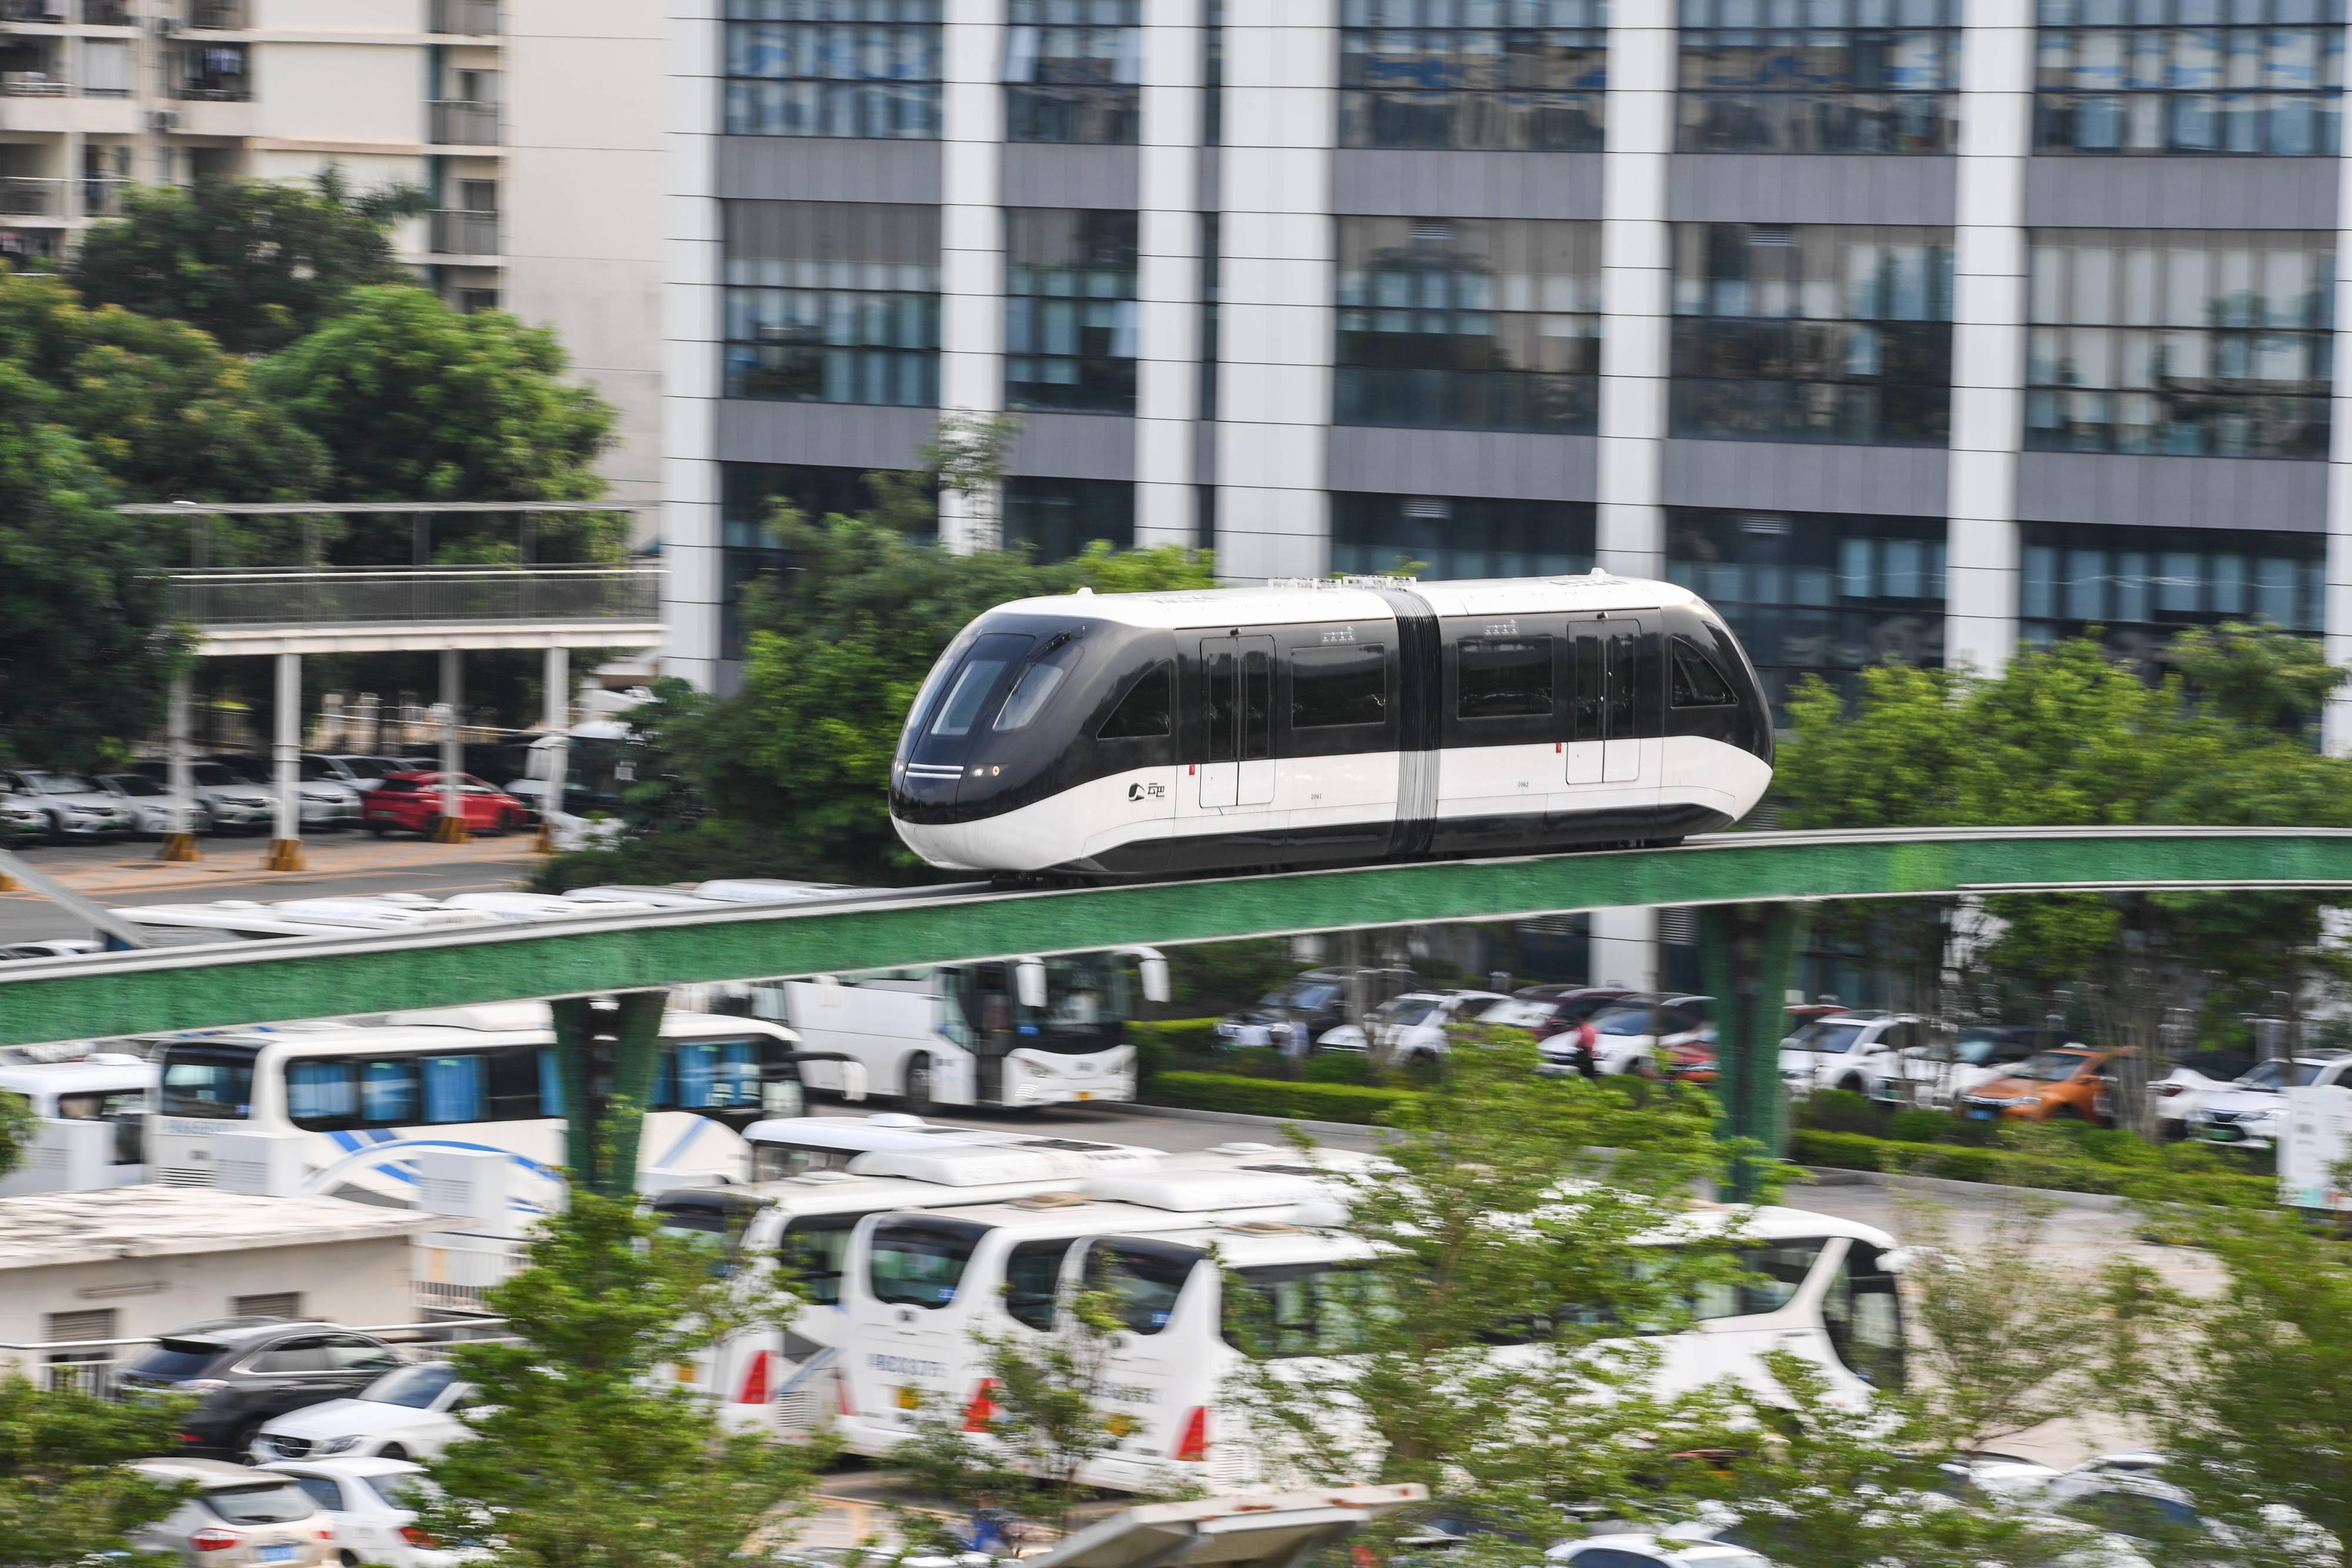 转正 转型 转强 透视2020中国经济运行高频词